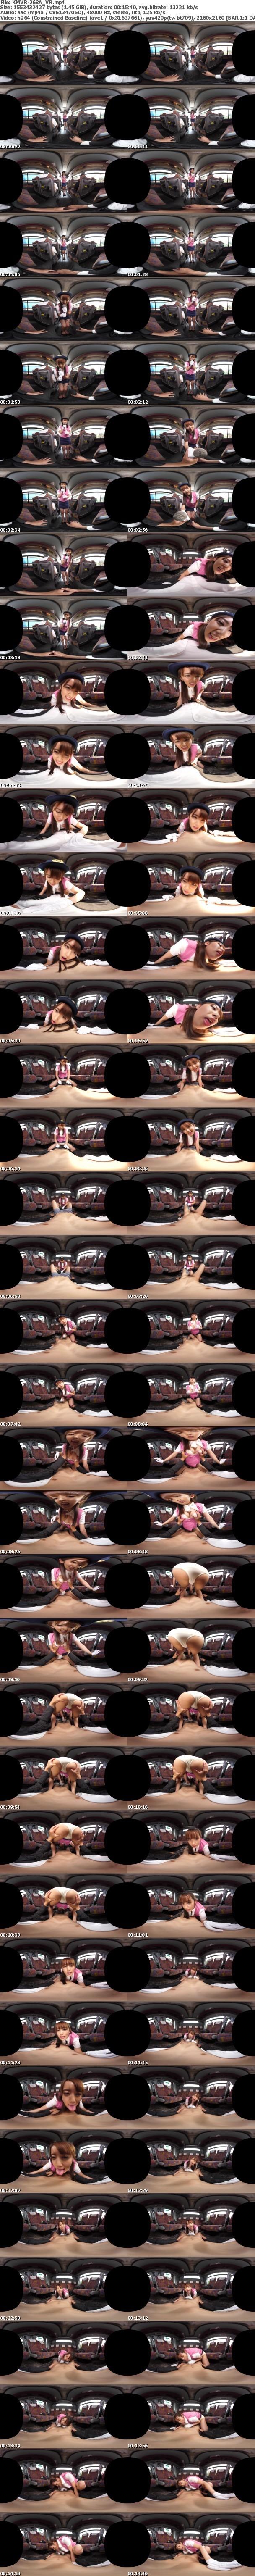 VR/3D KMVR-268 【VR】VRバスへようこそ!変態バスガイドが乗客(あなた)のザーメンを根こそぎ奪う! 美咲かんな【リアル映像】